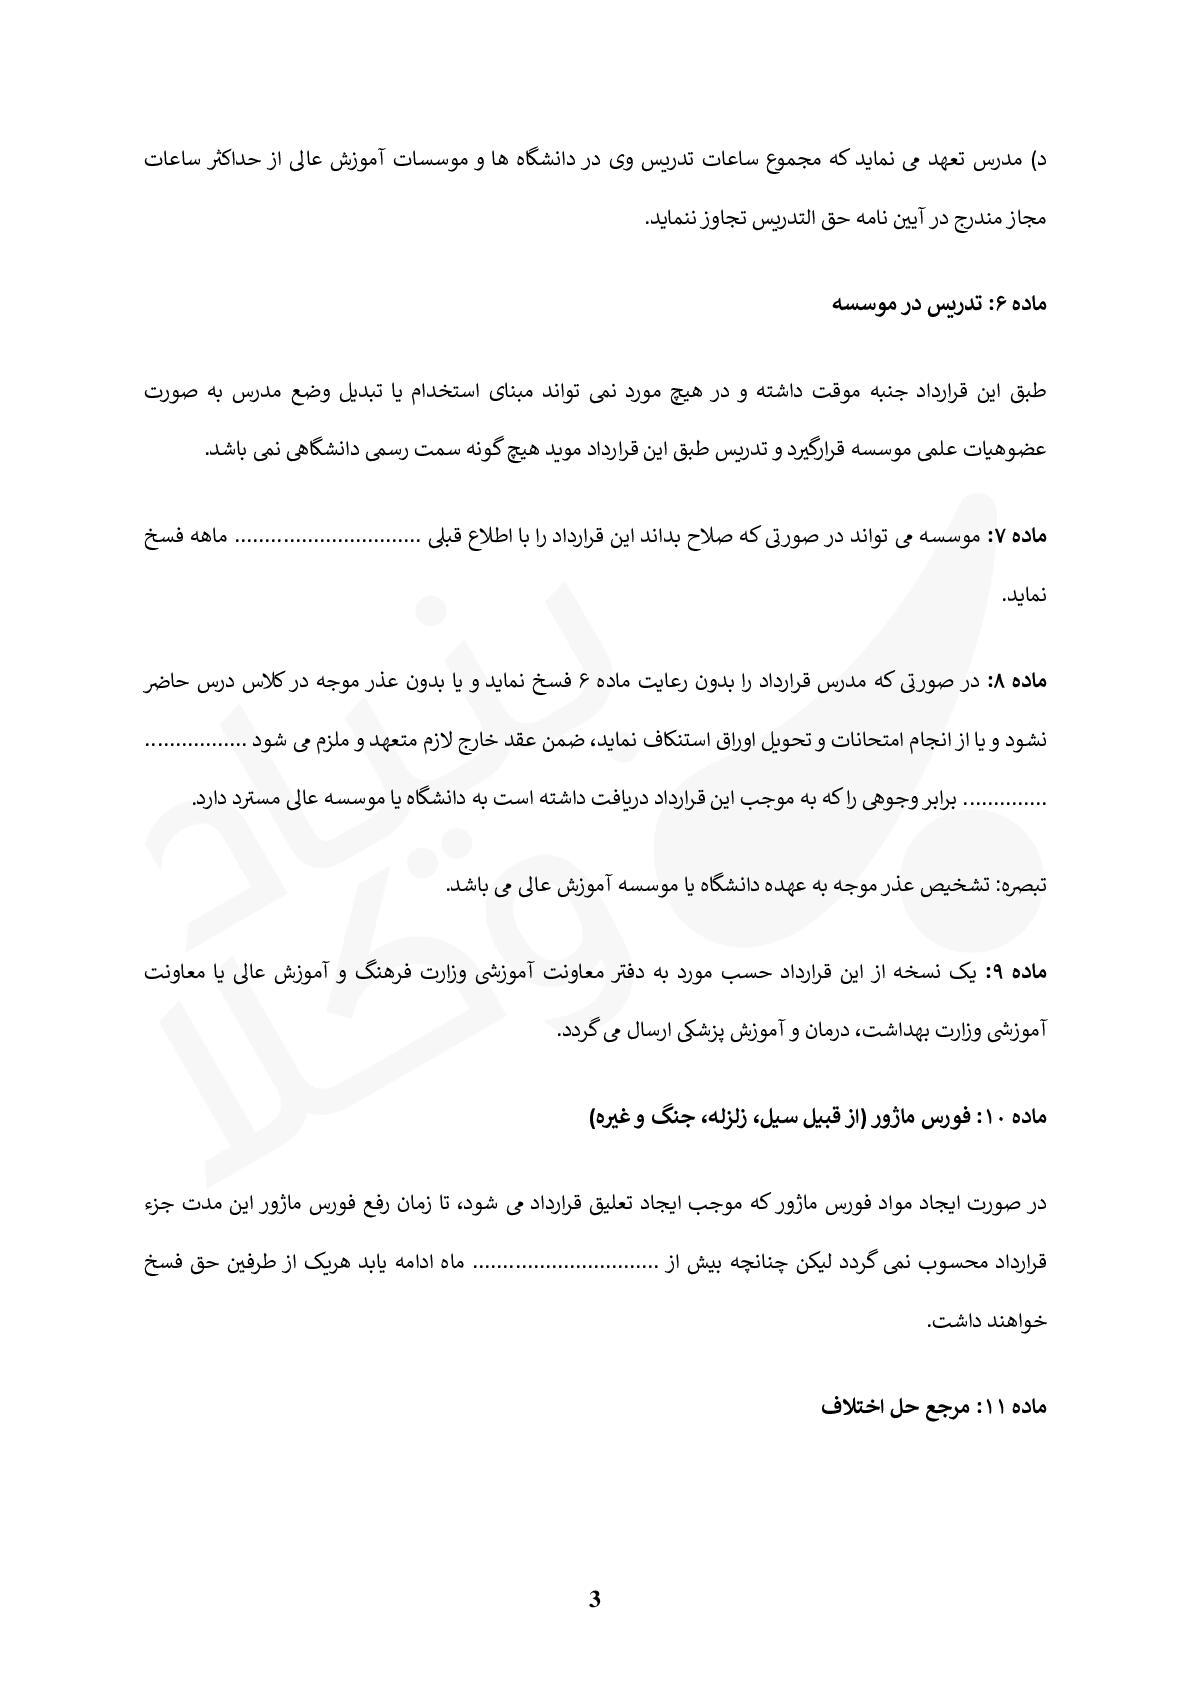 قرارداد تدریس در دانشگاه و موسسات آموزش عالی